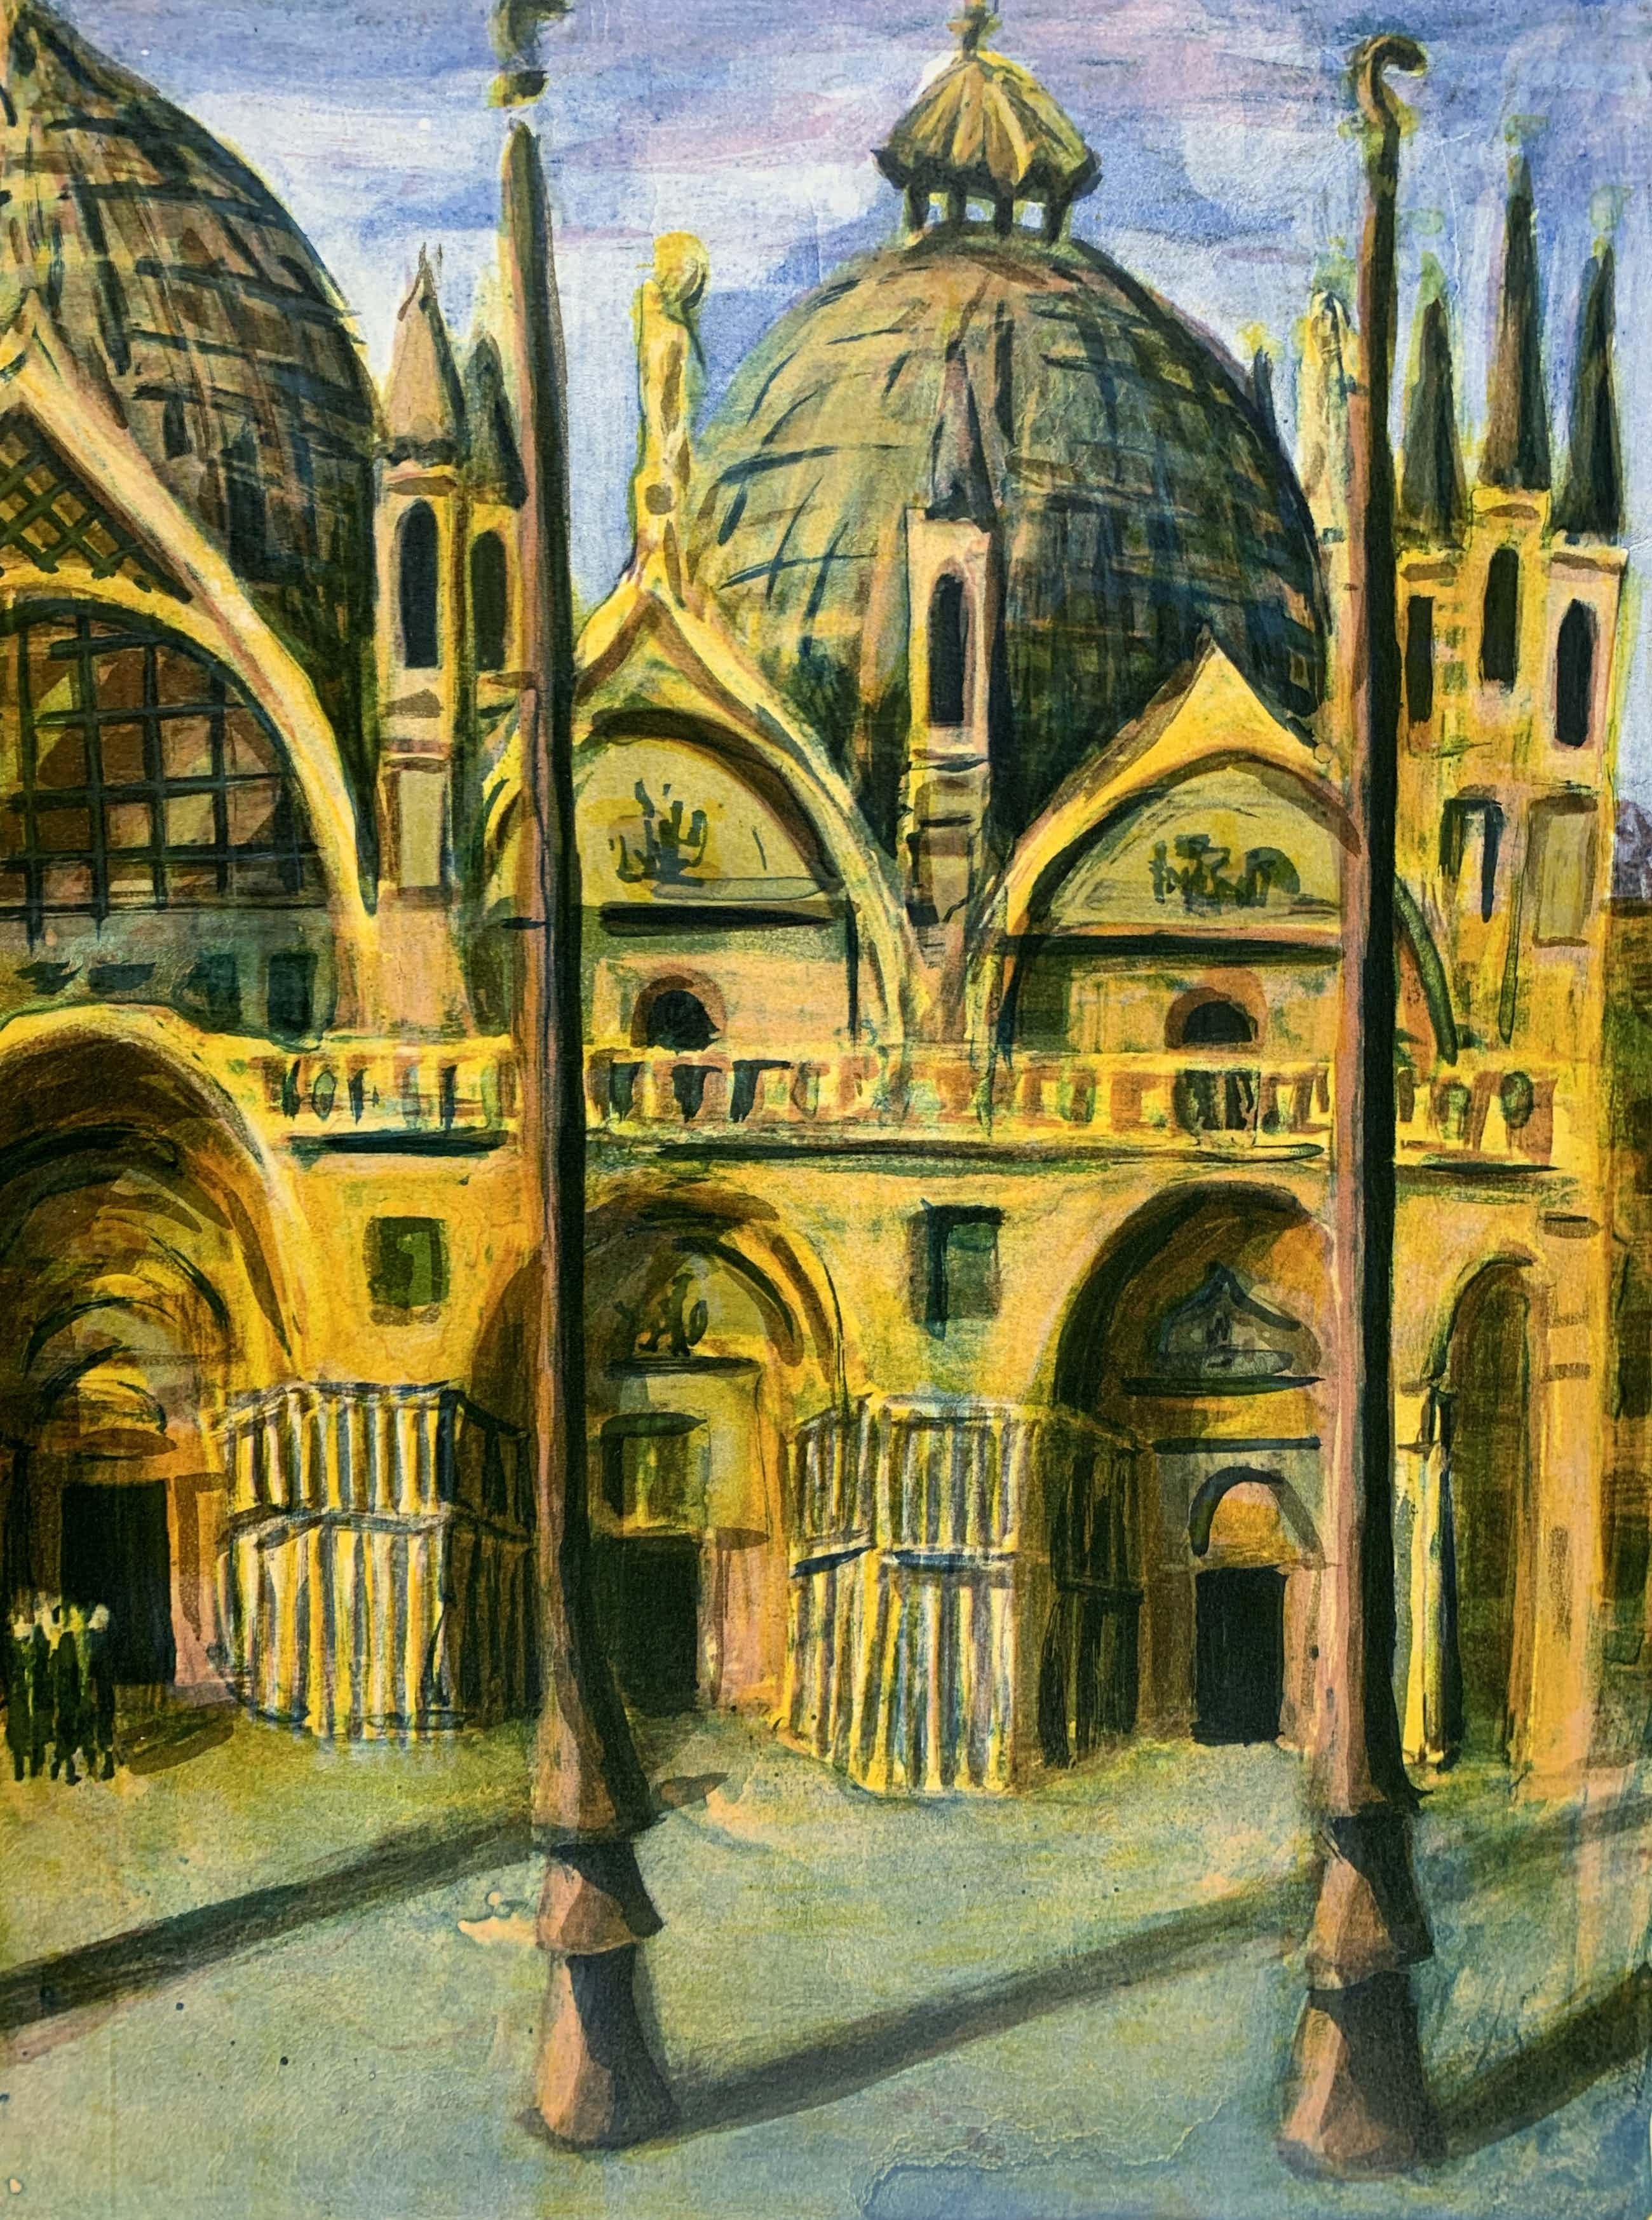 Jeroen Hermkens - Kleurenlitho - 'Venetië San Marco' - 1994 kopen? Bied vanaf 90!